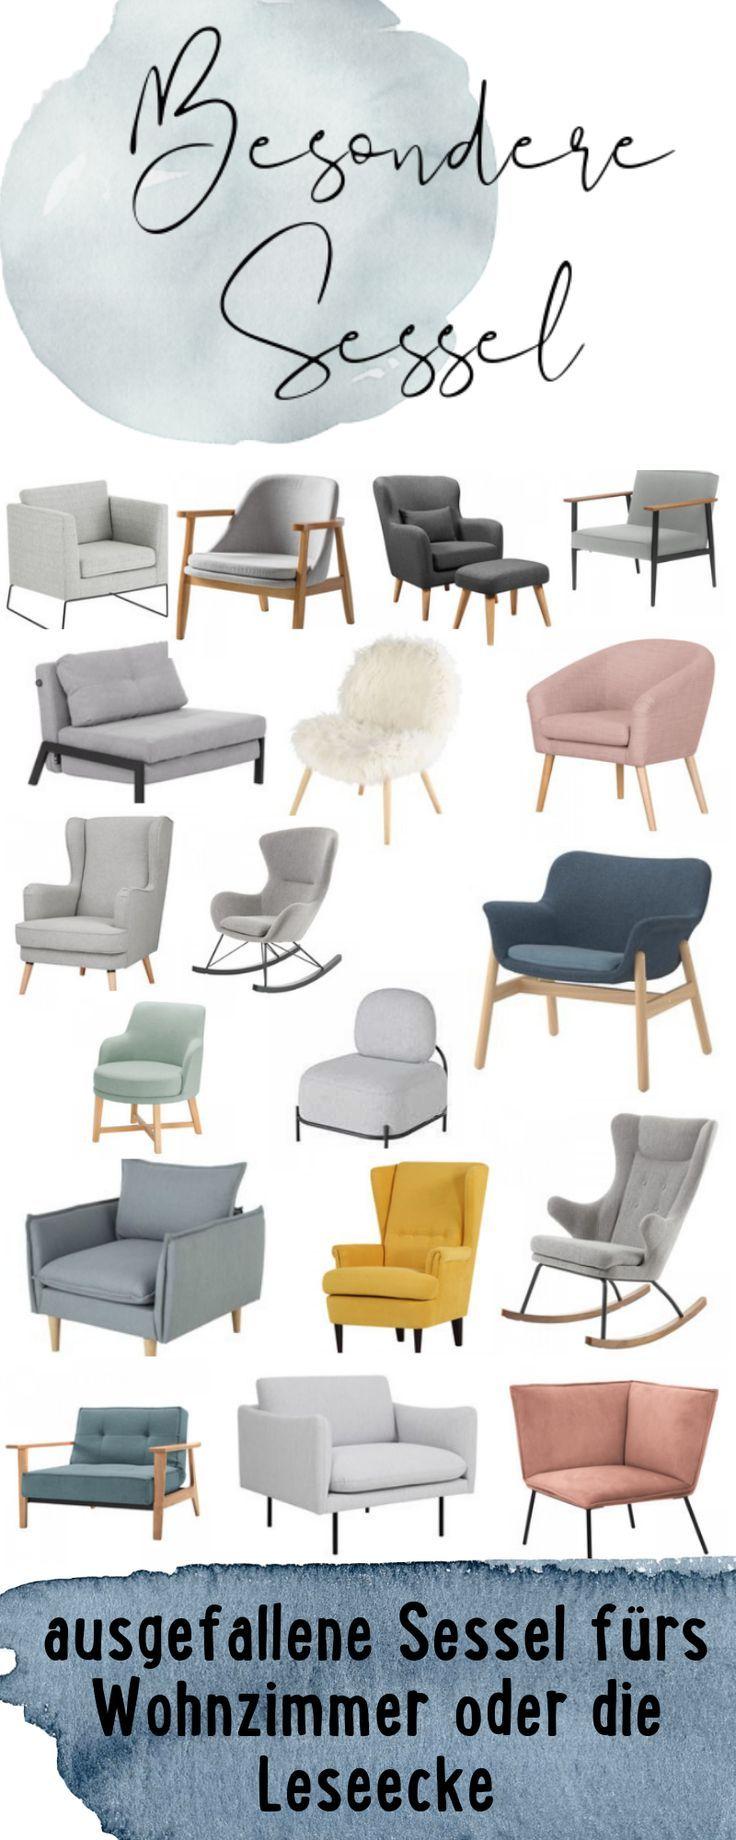 Besondere Sessel für das Wohnzimmer oder die Leseecke | skandinavische Einrichtung #wohnzimmerdeko